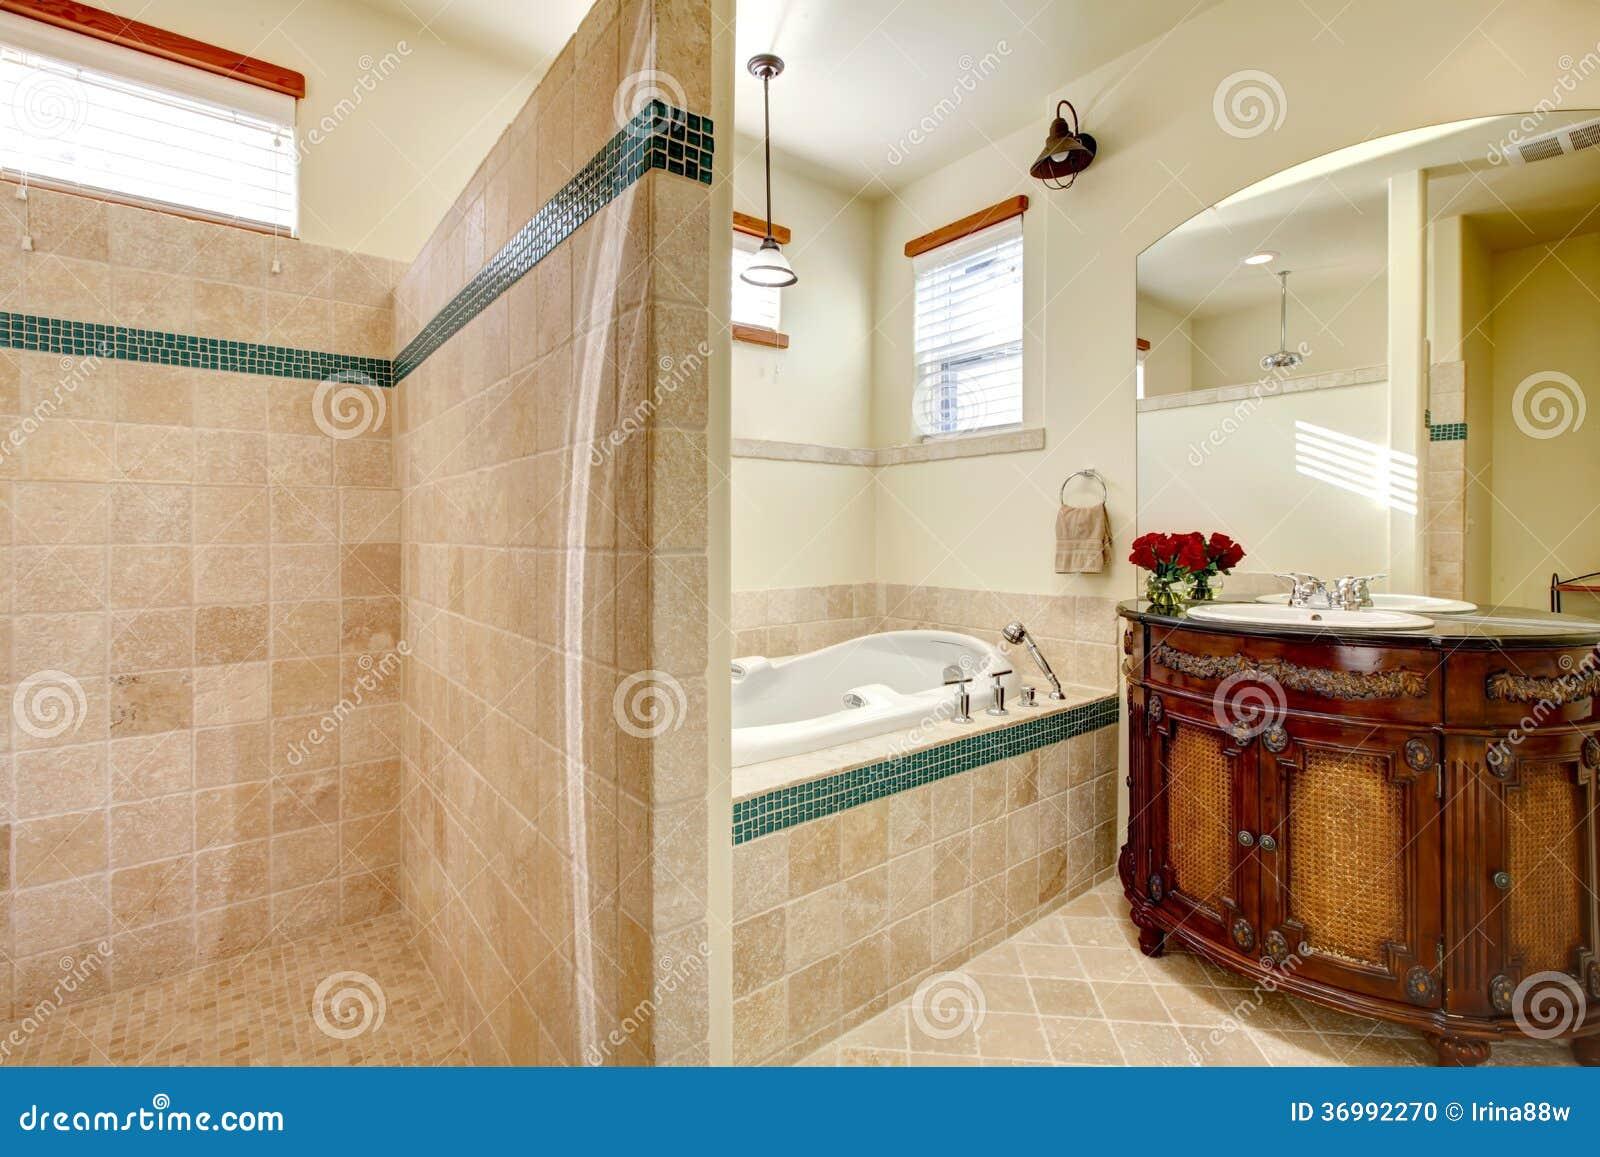 Cuarto de ba o moderno elegante con la ducha foto de archivo imagen 36992270 - Cuartos de bano modernos con ducha ...